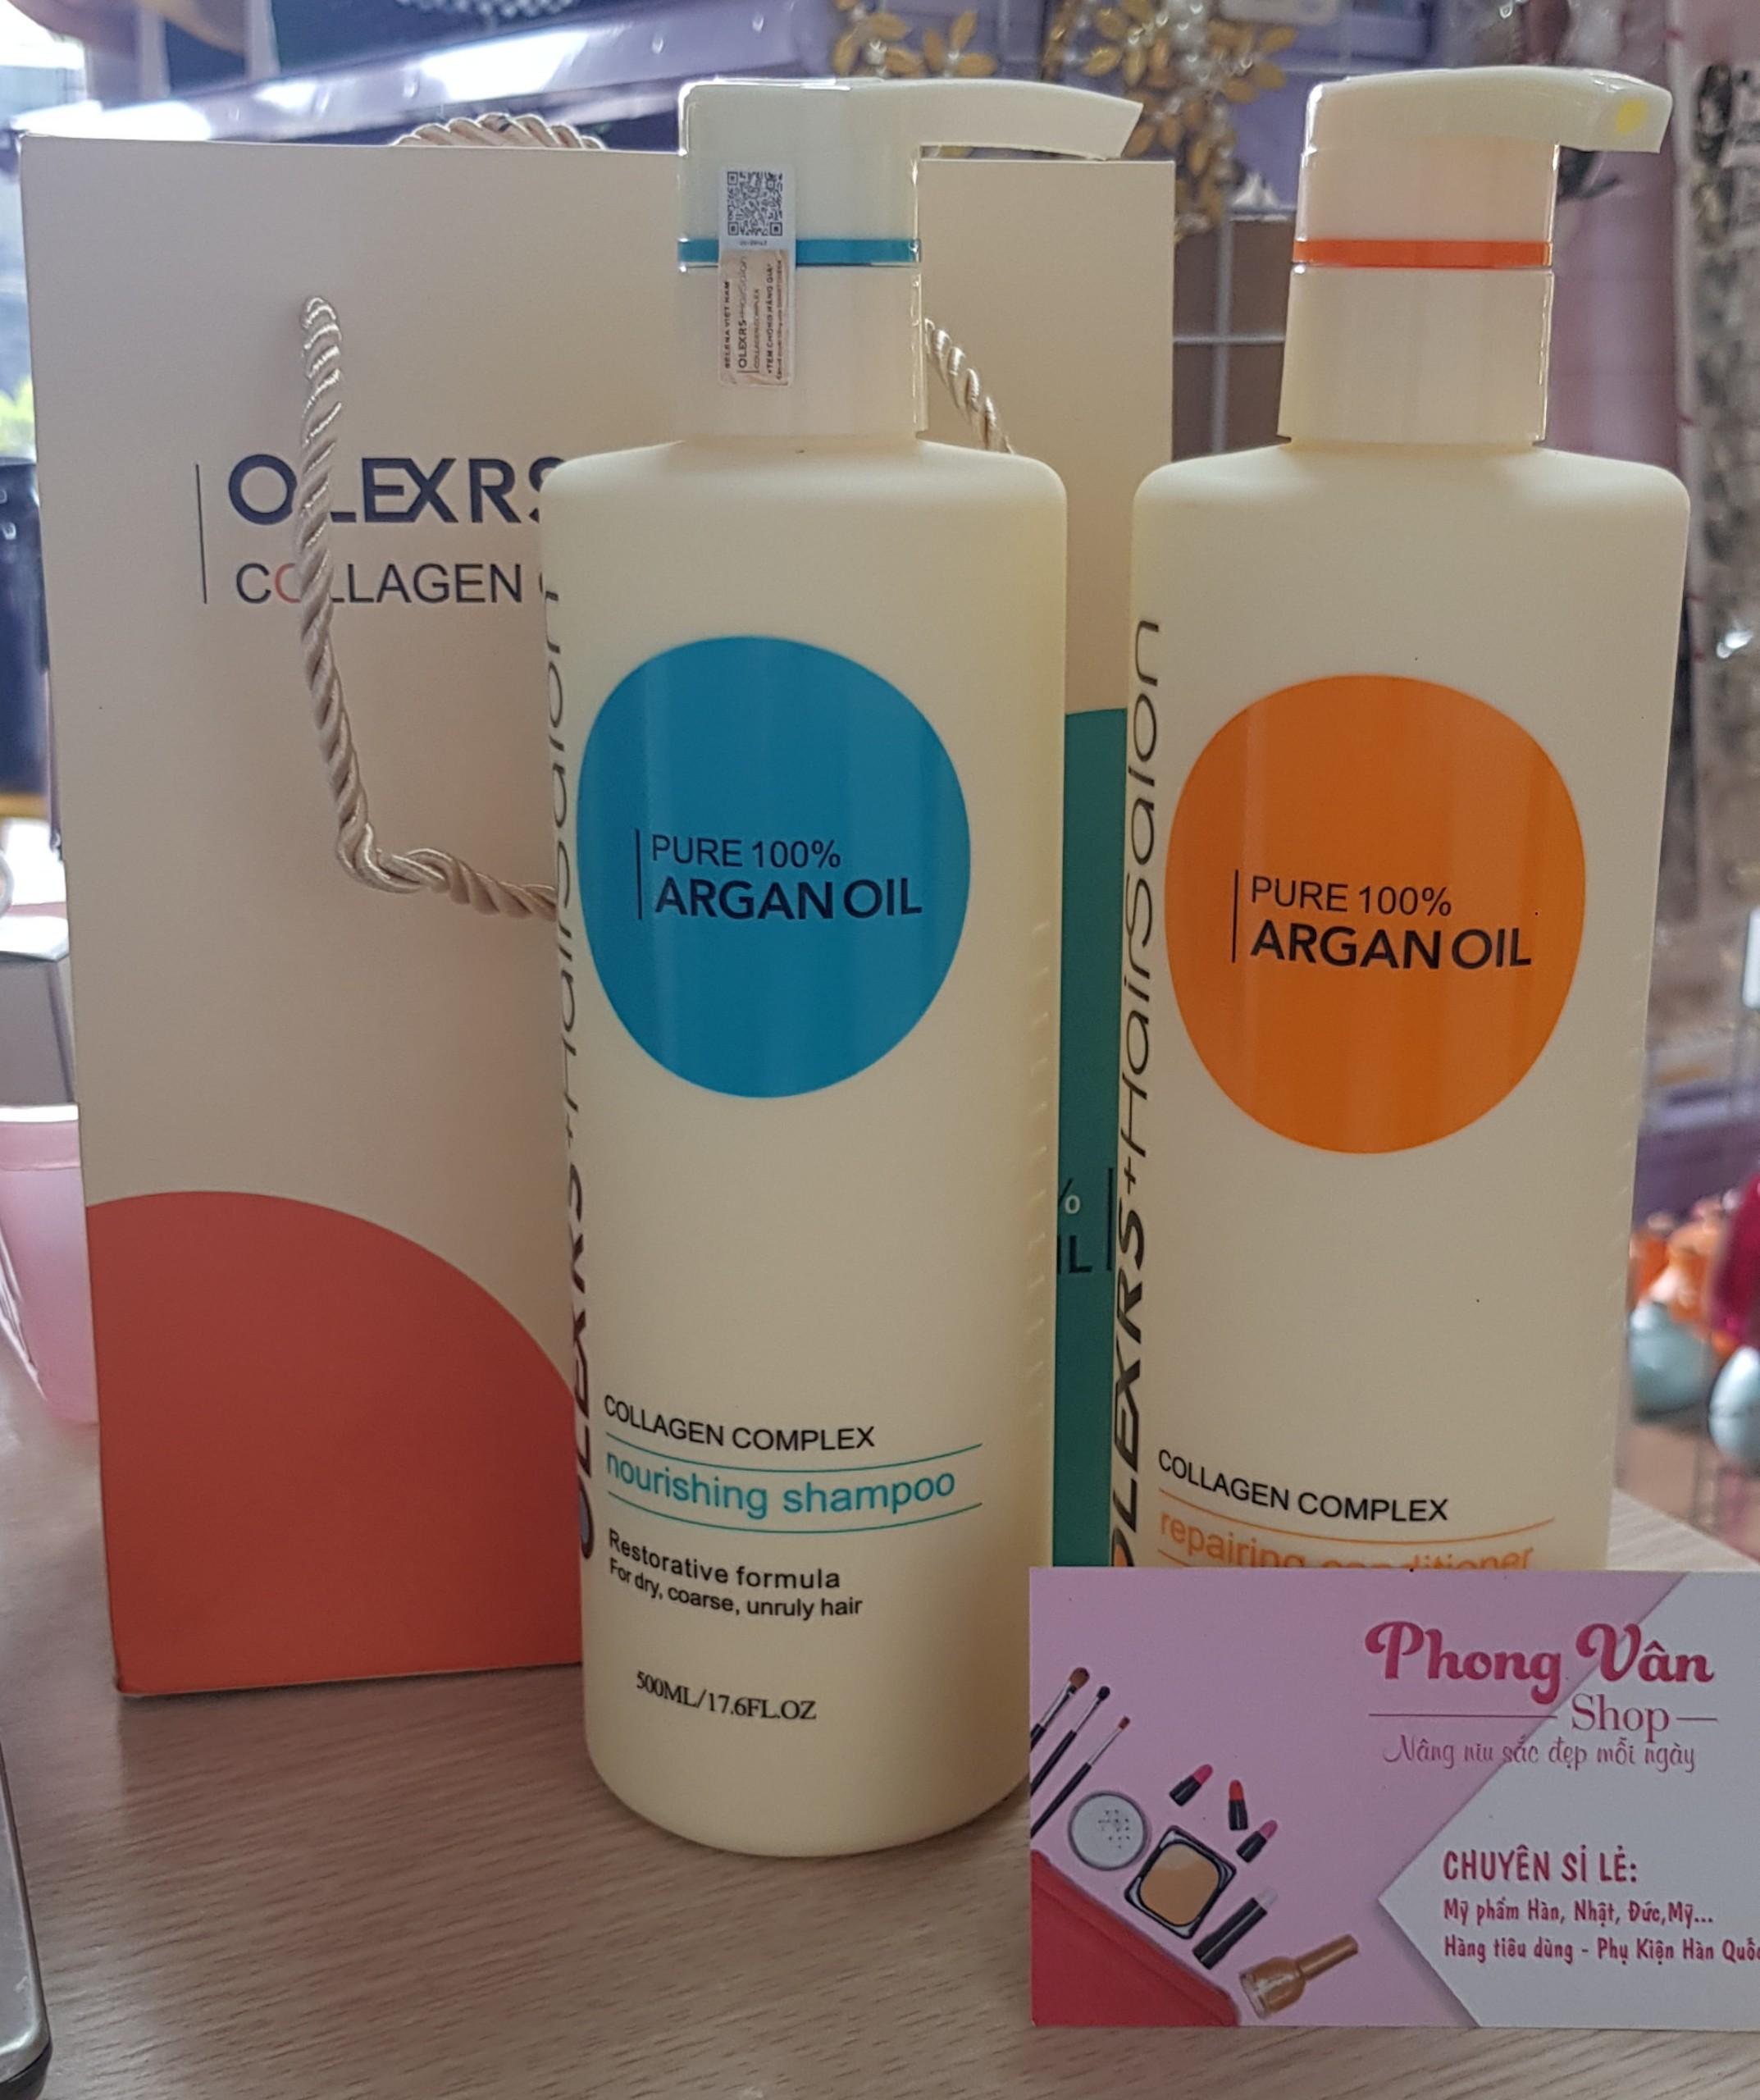 dau-goi-olexrs-hairsalon-argan-oil-collagen-complex-500ml